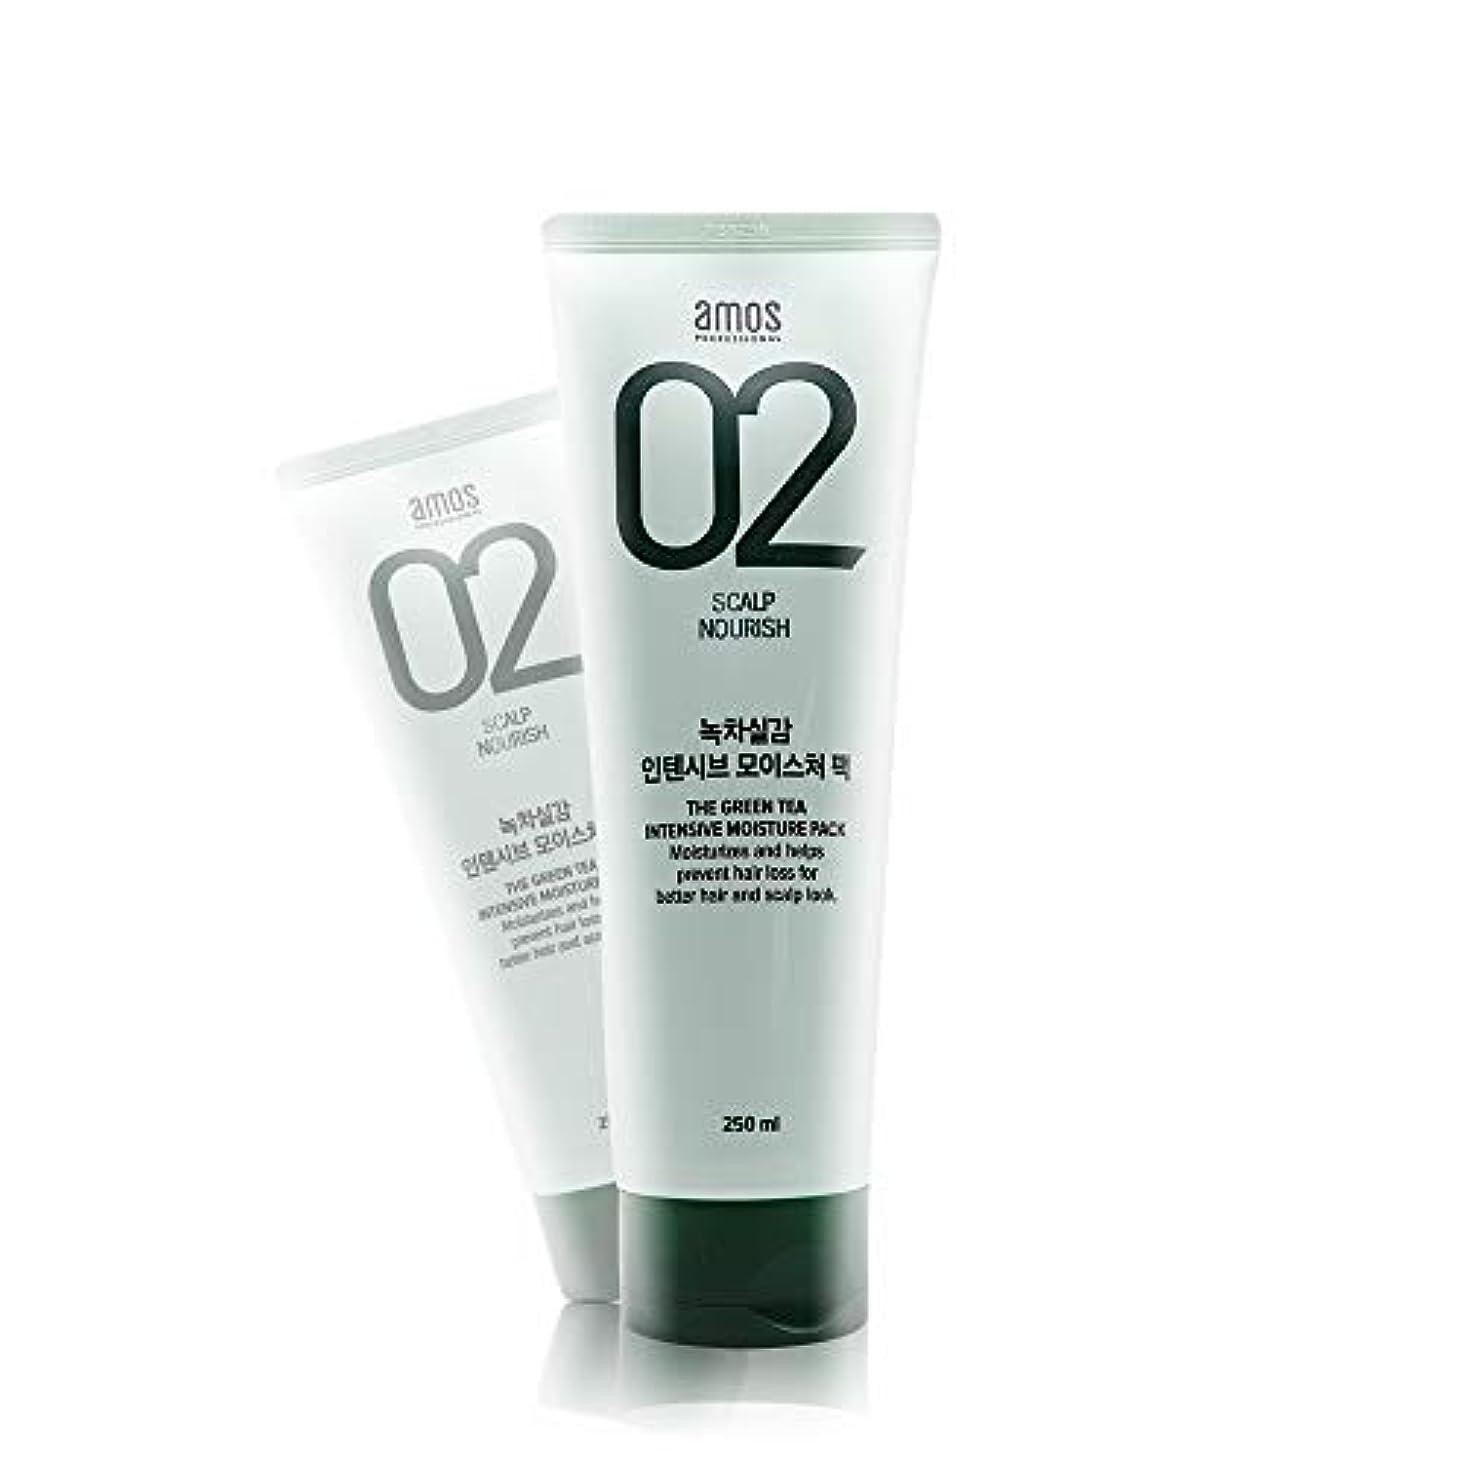 幸福イノセンス浸食アモス AMOS 緑茶実感インテンシブモイスチャーパック 250g, Feel the Green Tea Intensive Moisture Hair Pack